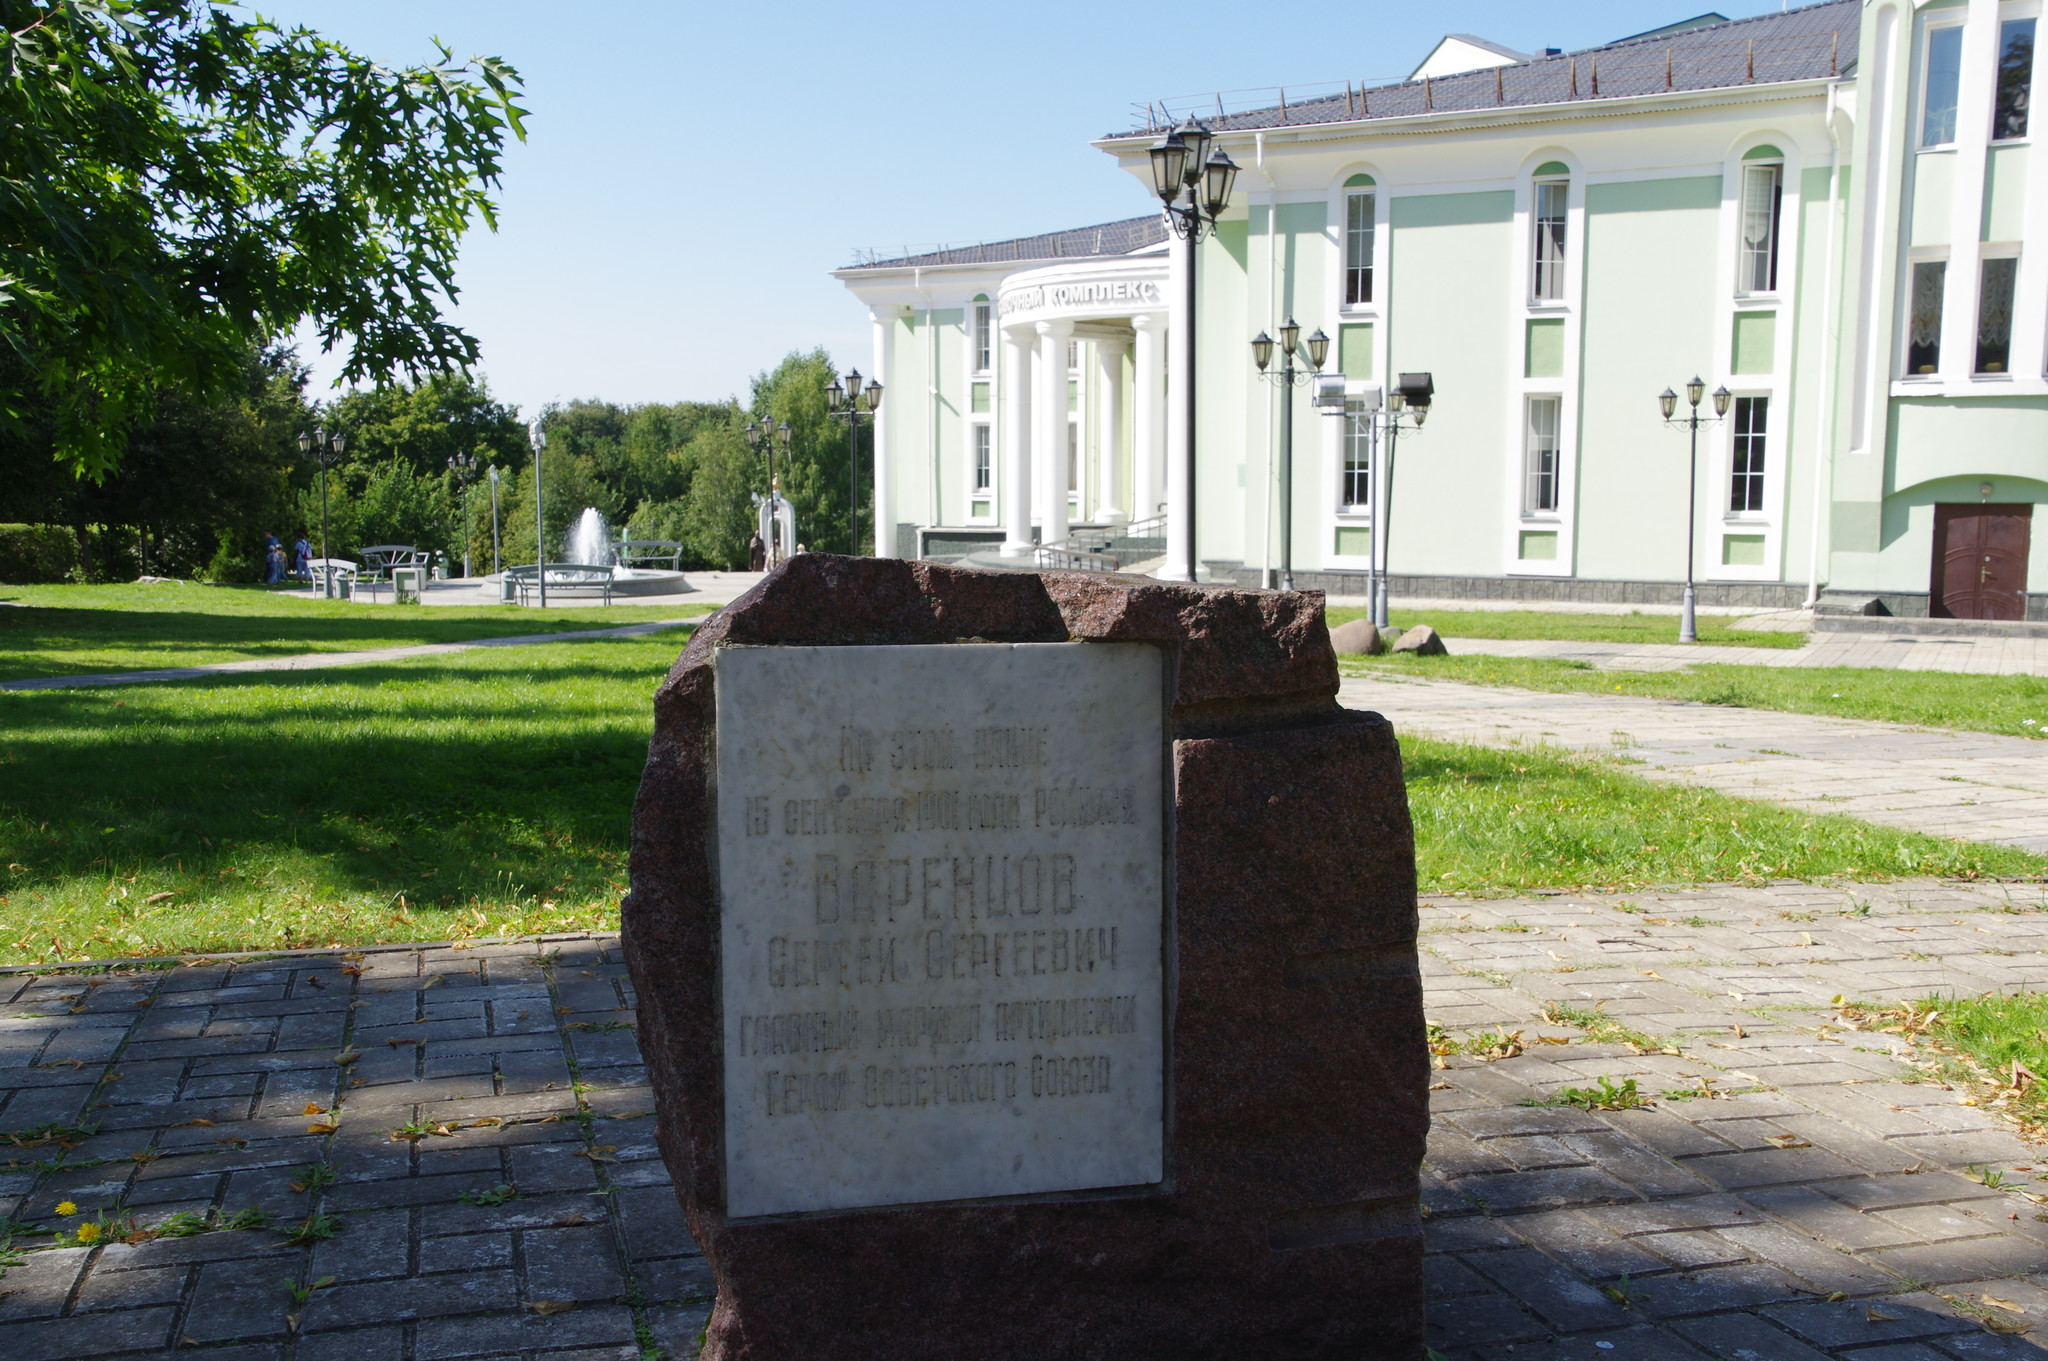 Памятный знак на улице где родился главный маршал артиллерии Сергей Сергеевич Варенцов (г. Дмитров, Московская область)